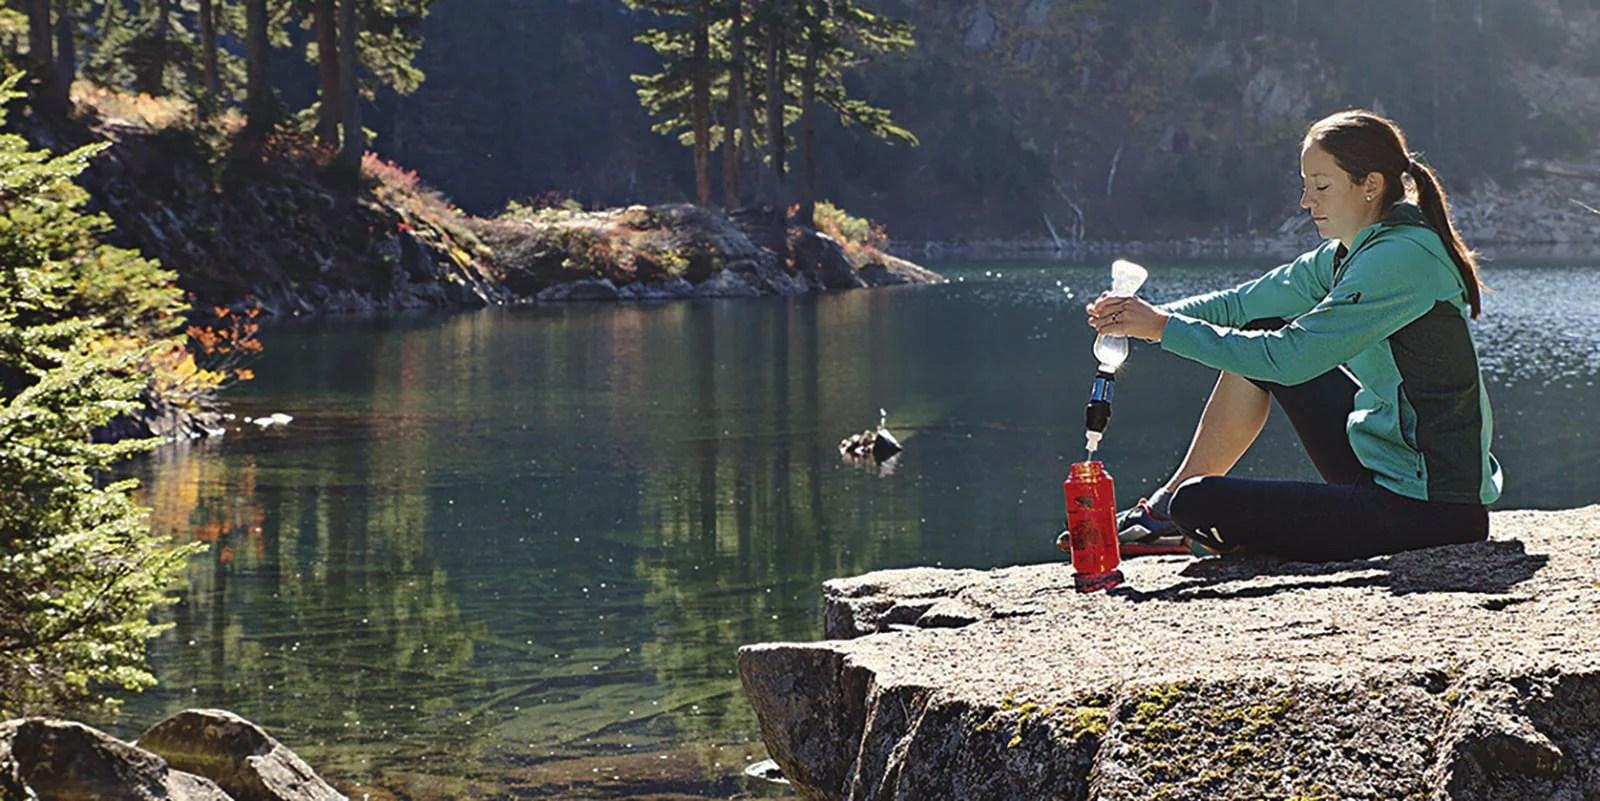 Seorang pejalan kaki mengisi ulang botol airnya dari danau menggunakan penyaring pemerasan